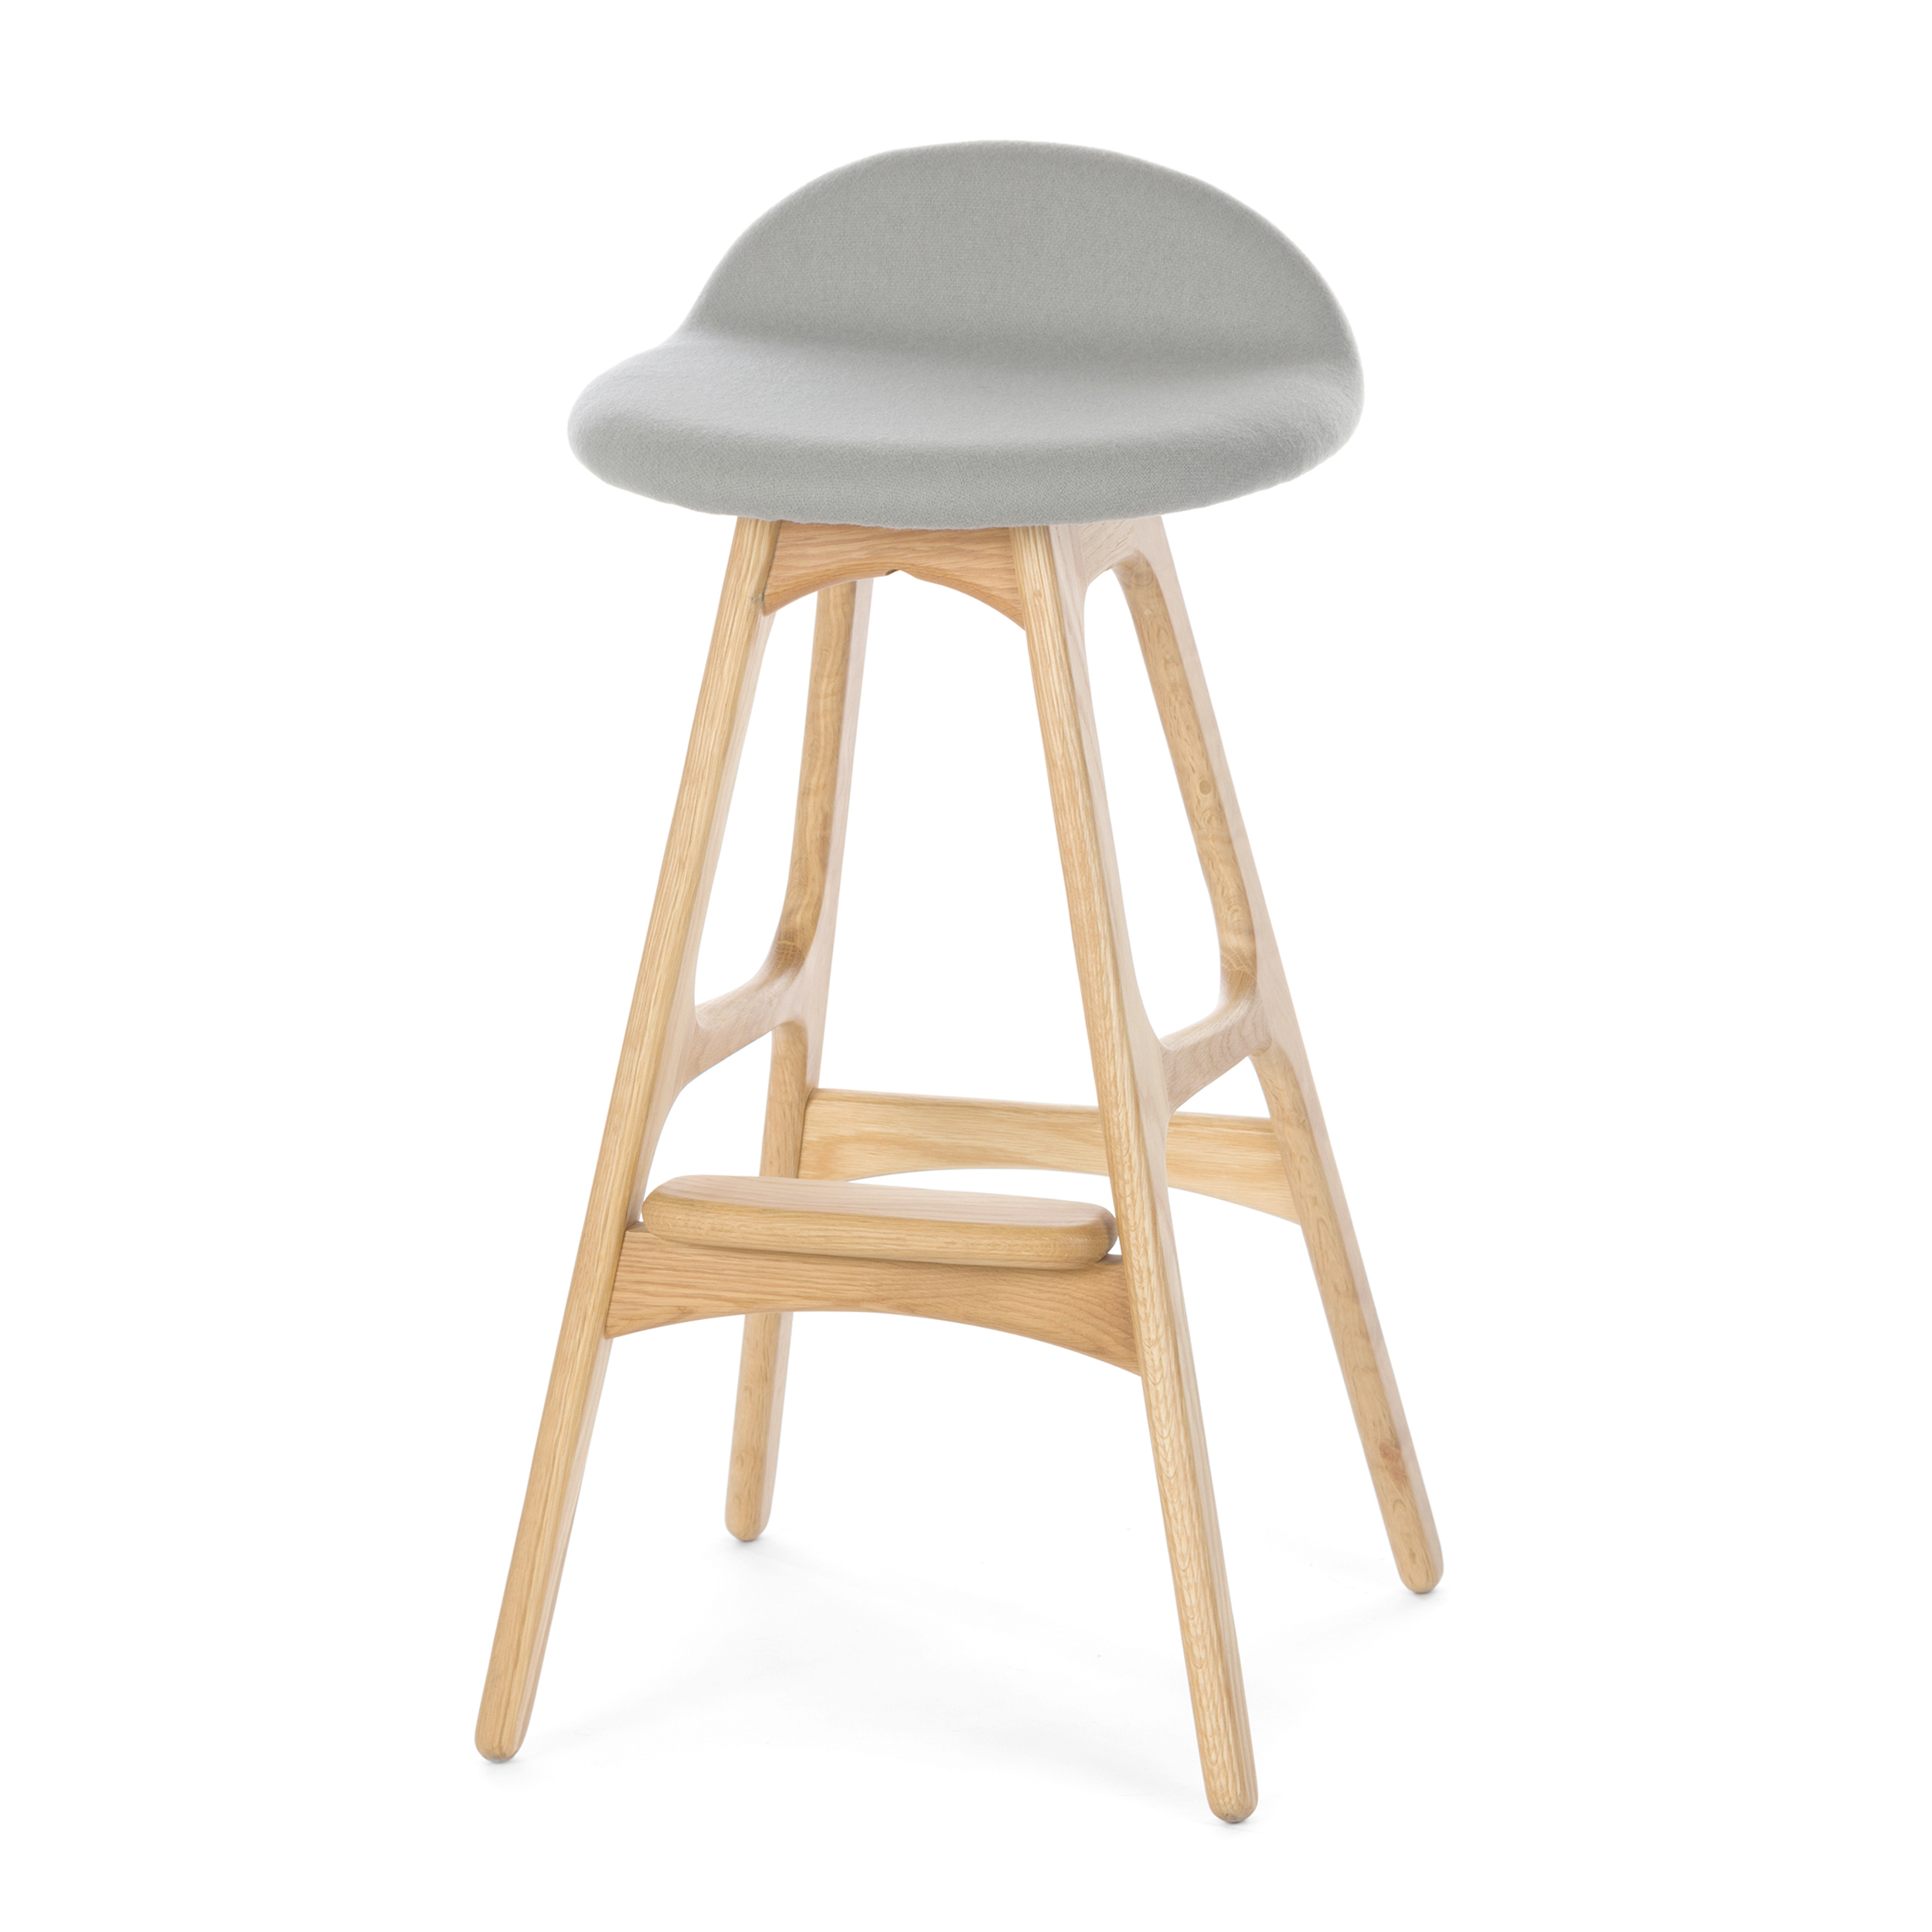 Барный стул Buch 2 купить в интернет-магазине дизайнерской мебели Cosmorelax.Ru